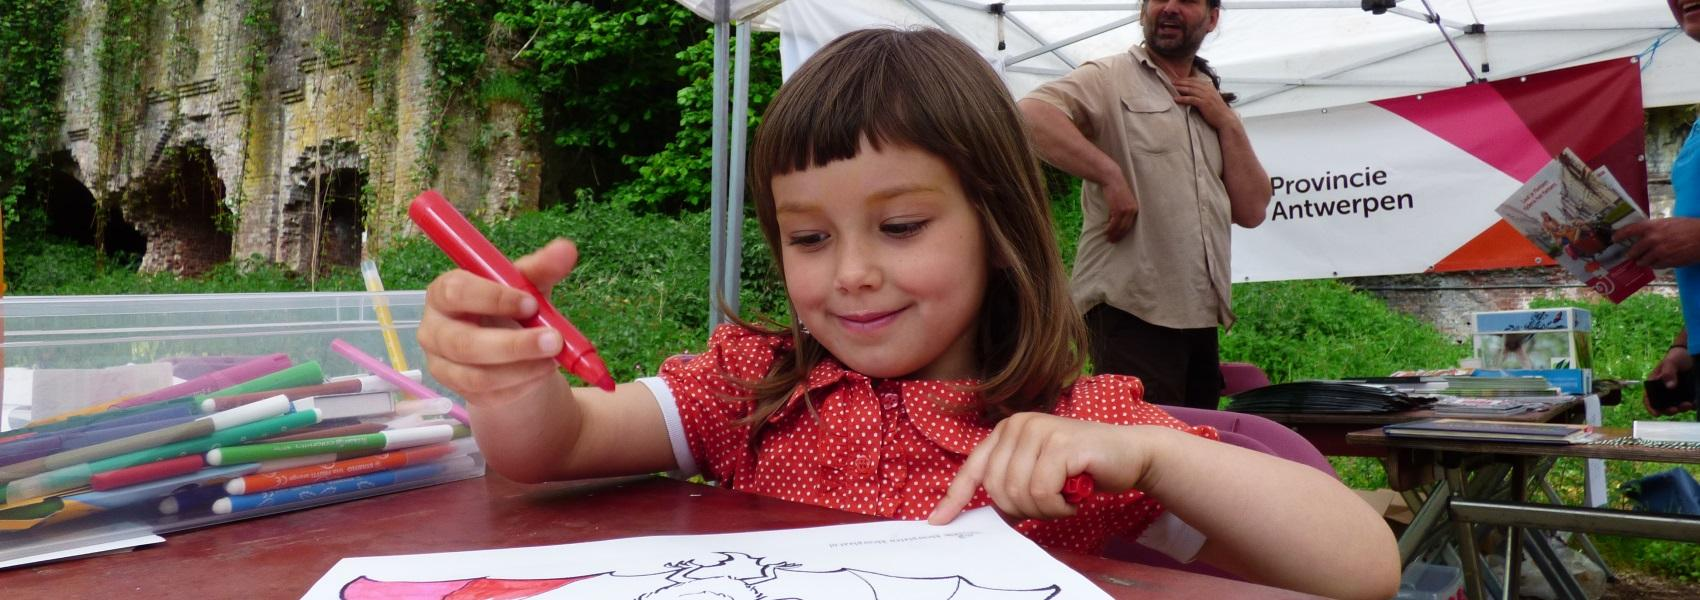 kind kleurt een tekening van een vleermuis